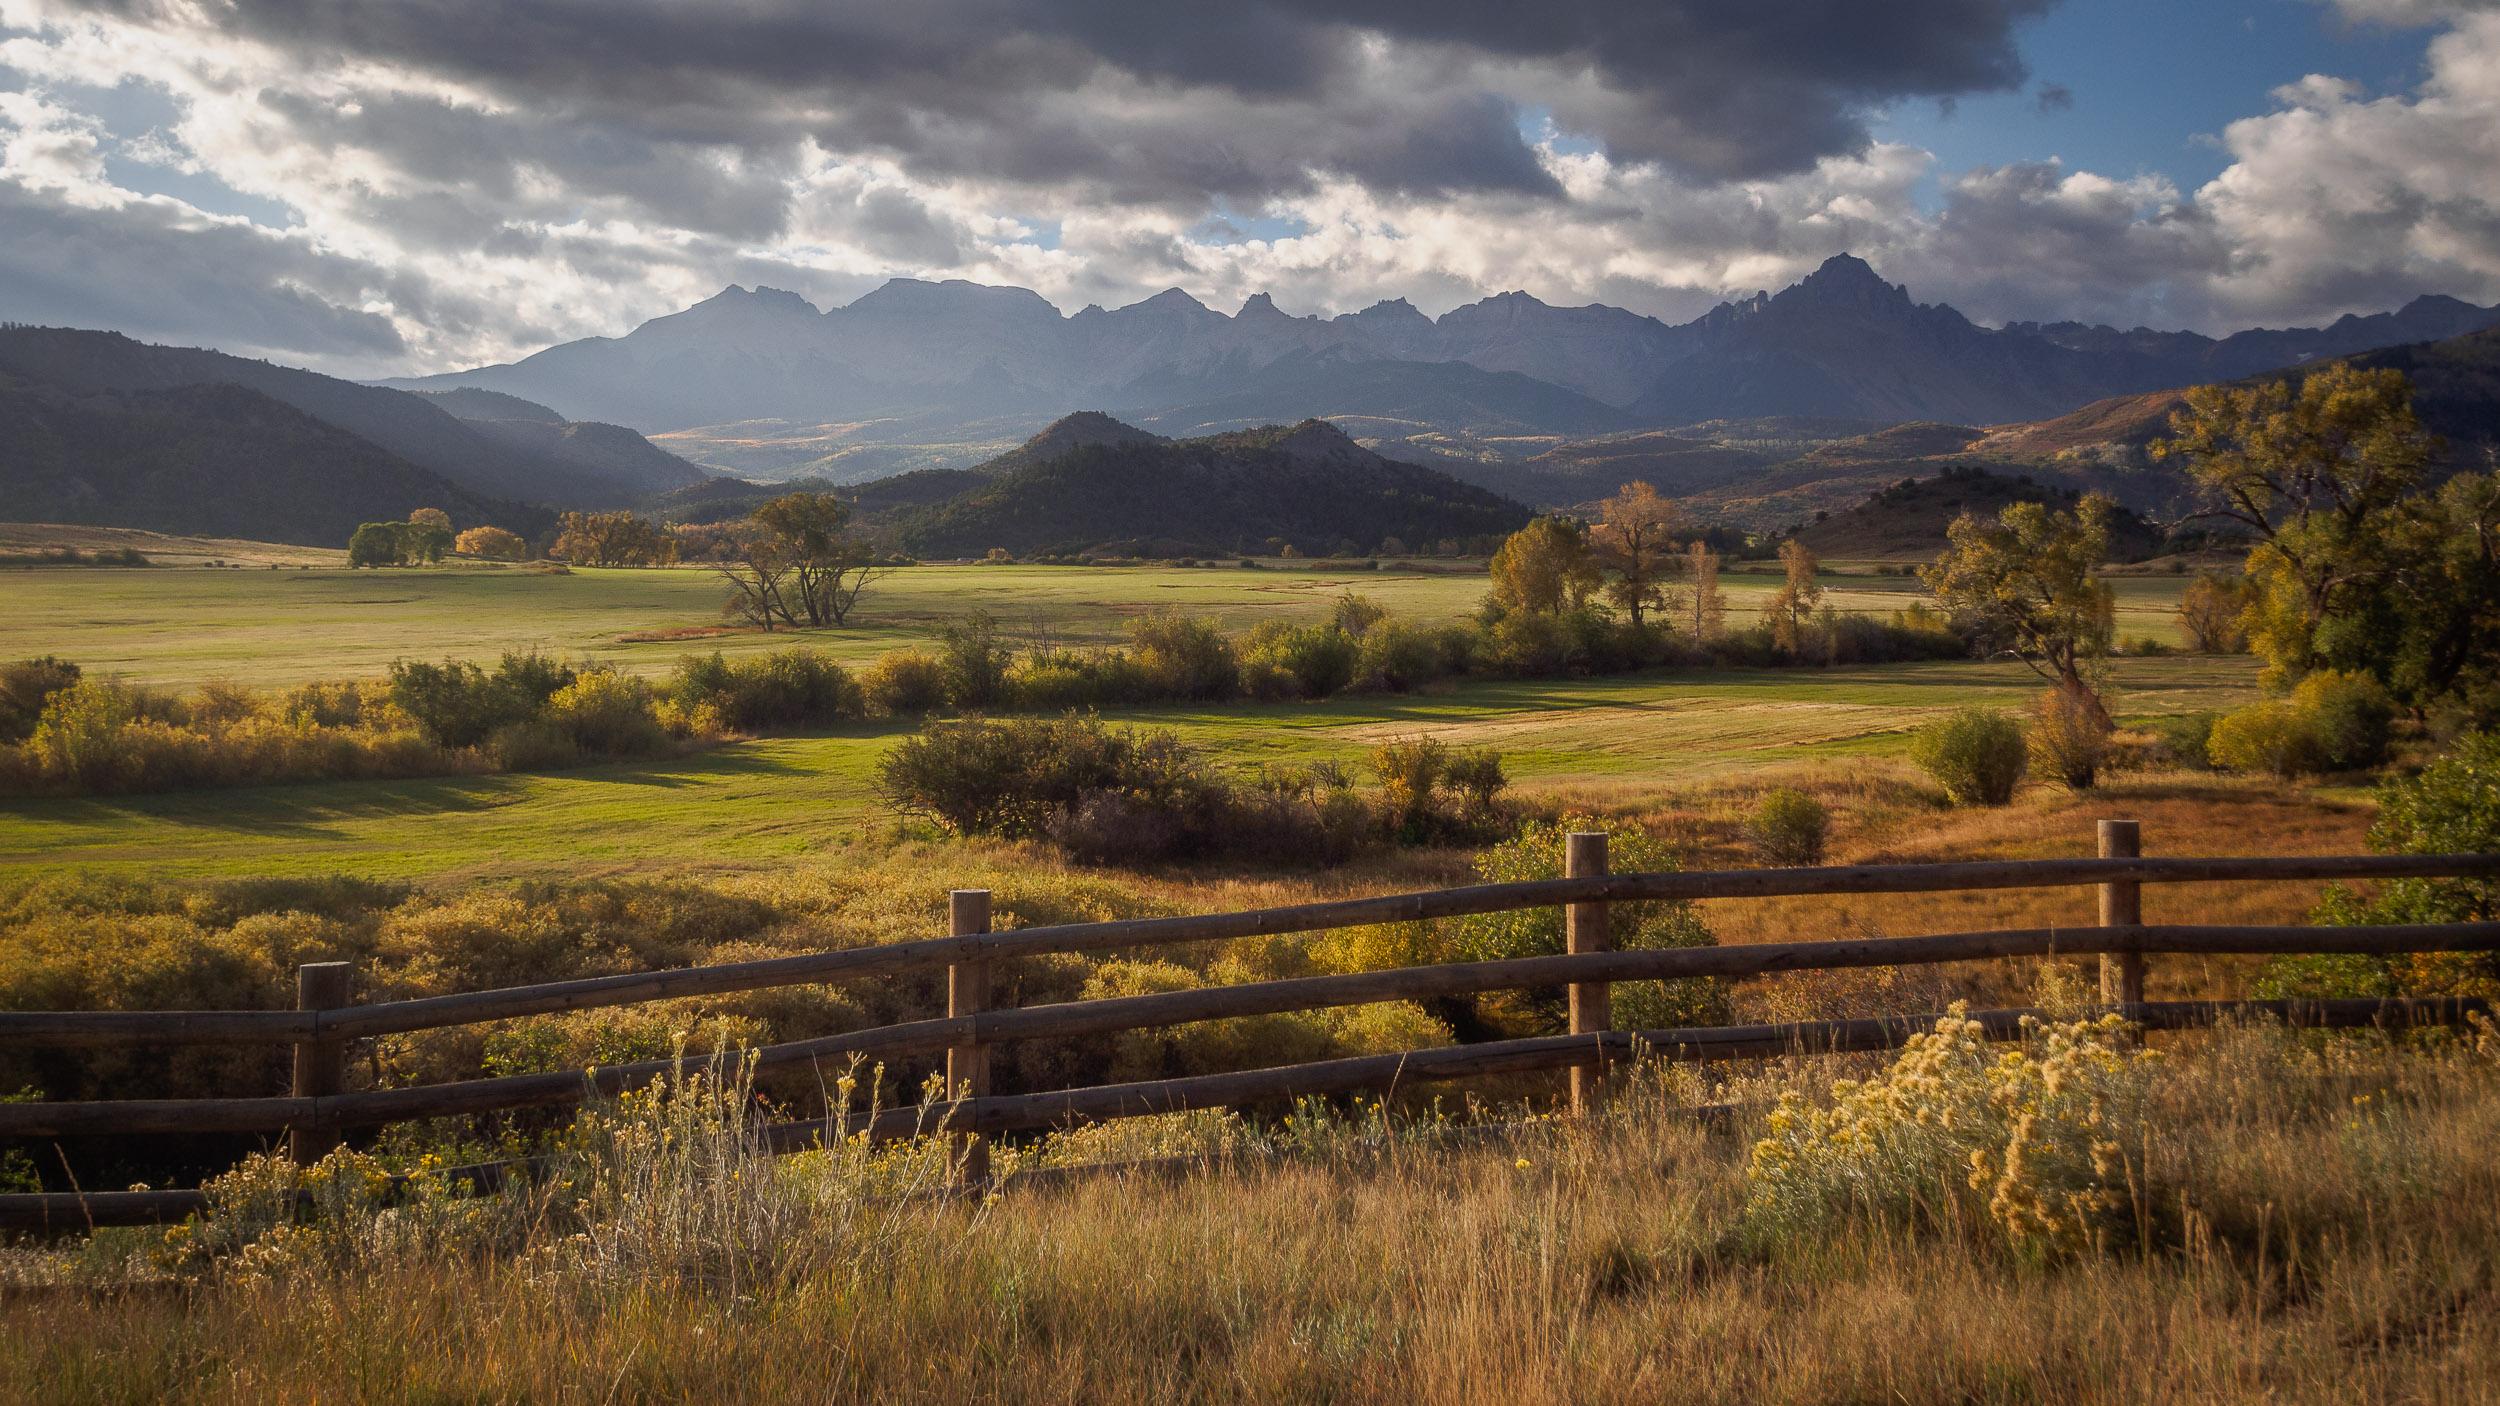 Ralph Lauren's ranch near Ridgway, CO.